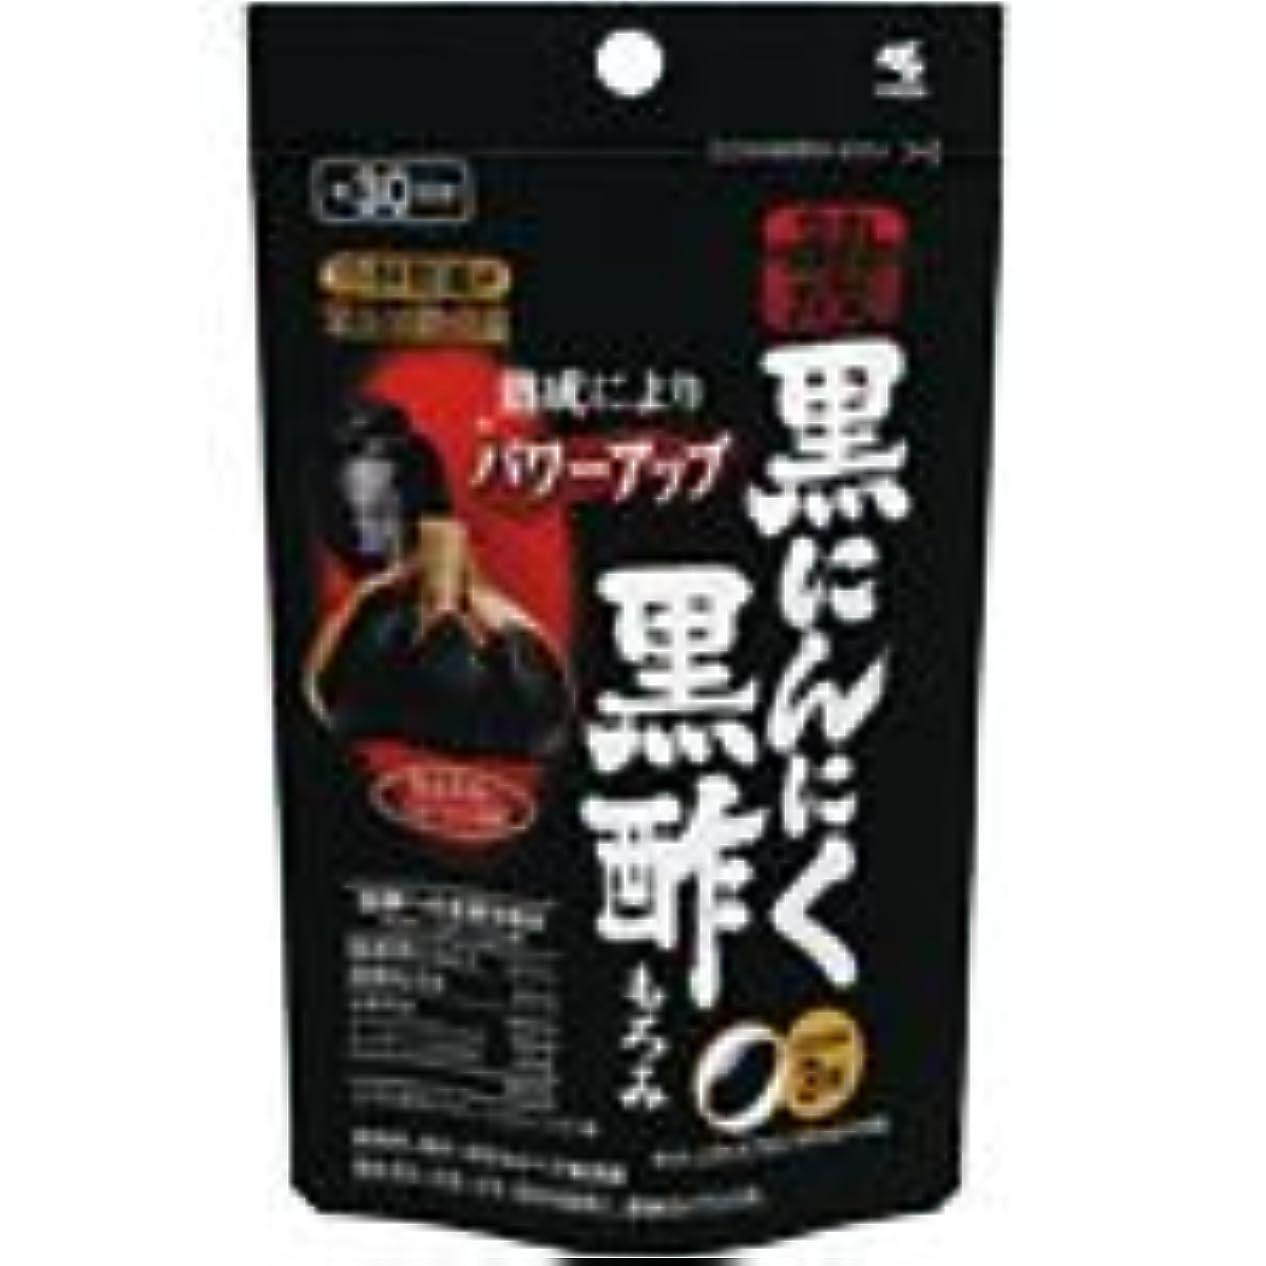 熟考するコピー必要とする小林製薬 小林製薬の栄養補助食品熟成黒にんにく黒酢もろみ90粒×5